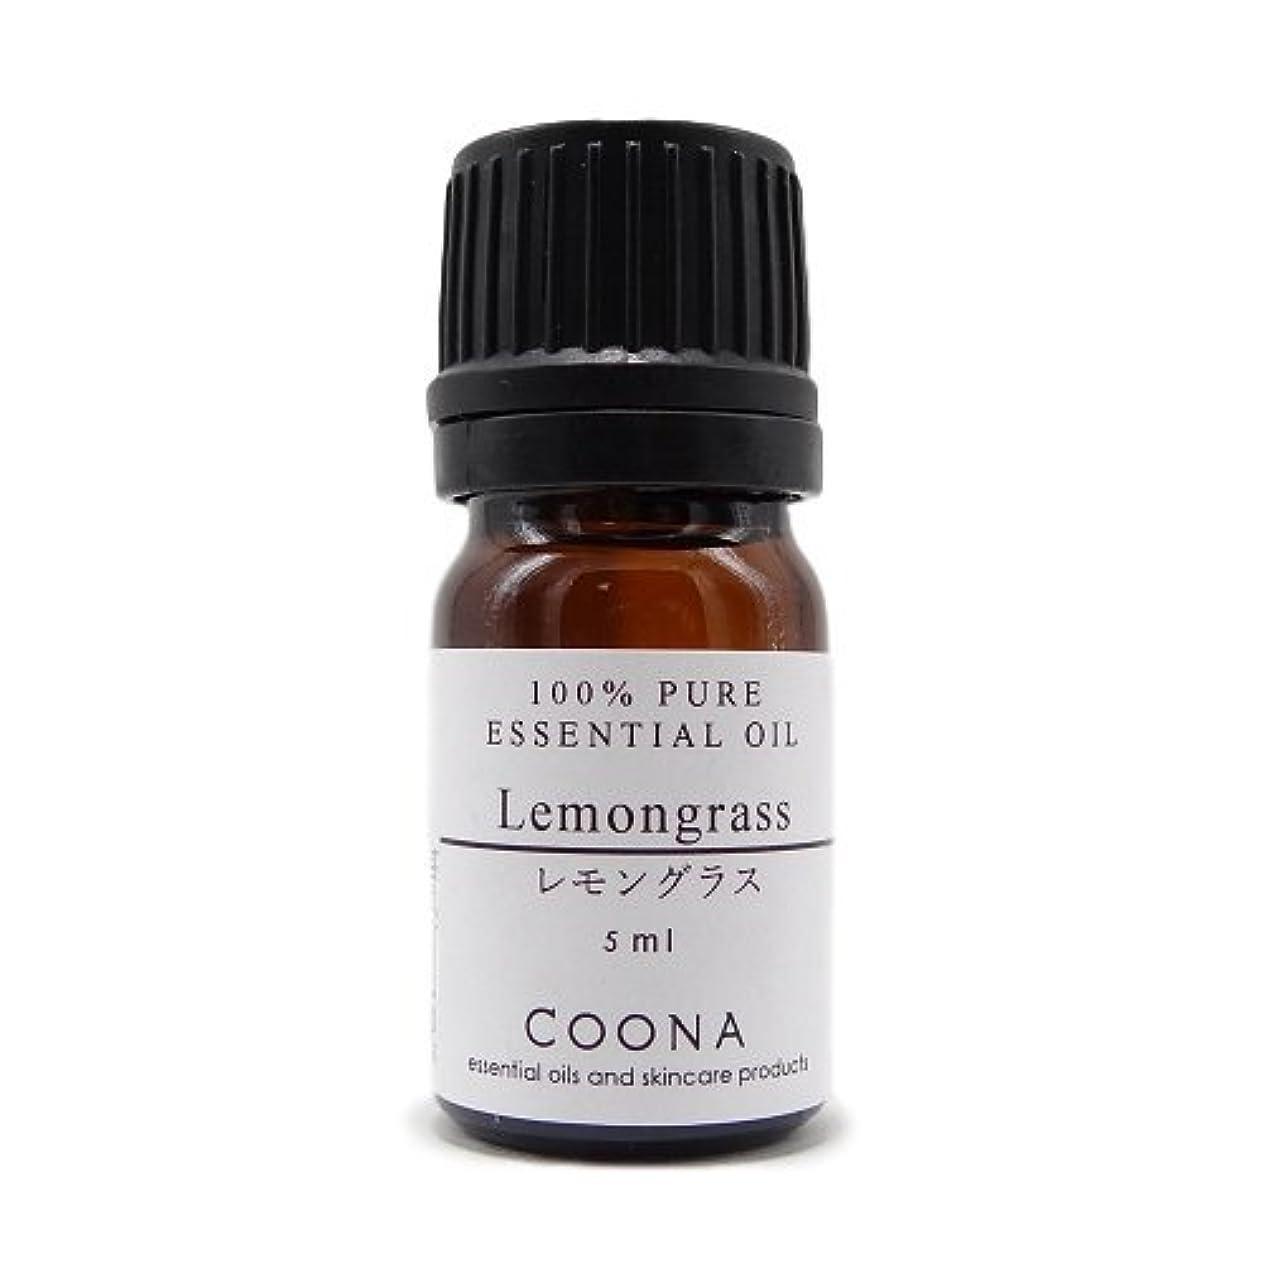 宮殿大騒ぎアームストロングレモングラス 5ml (COONA エッセンシャルオイル アロマオイル 100%天然植物精油)